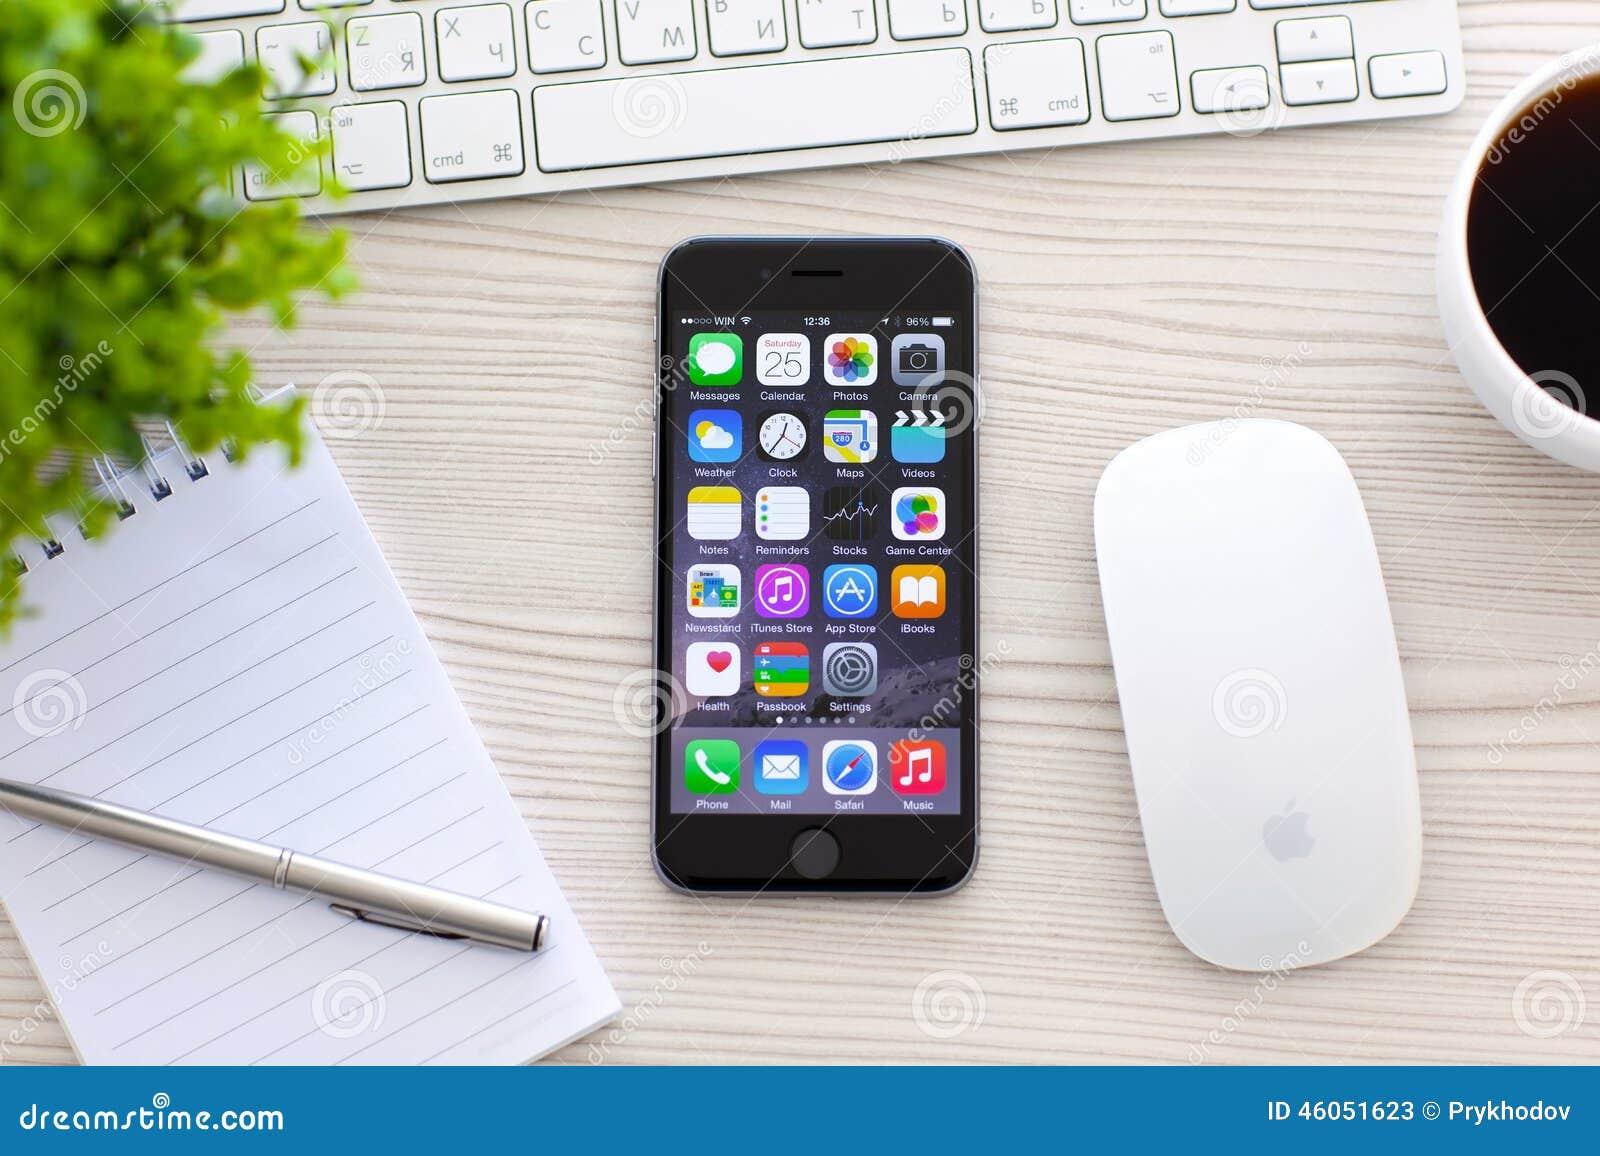 Nieuwe Iphone Apps Blijven Grijs